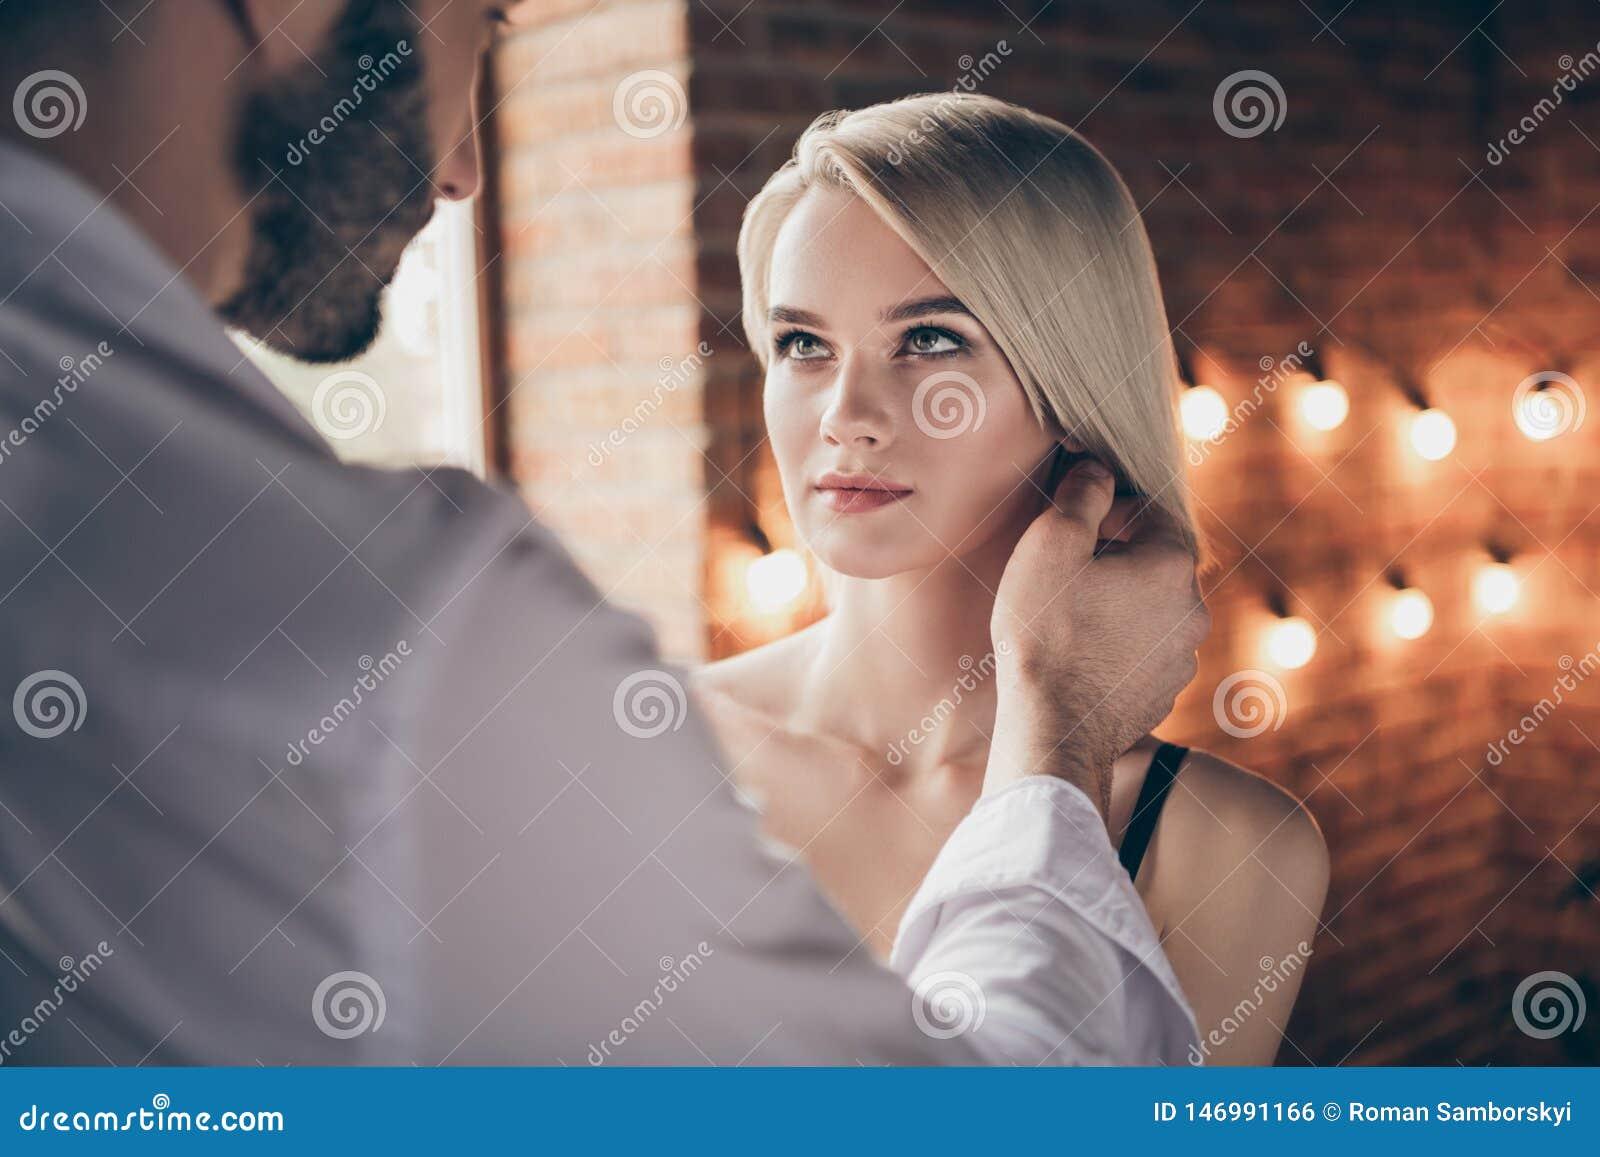 Portrait en gros plan dame attirante magnifique d éclat renversant doux joli pour deux personnes de la belle ayant l affaire avec